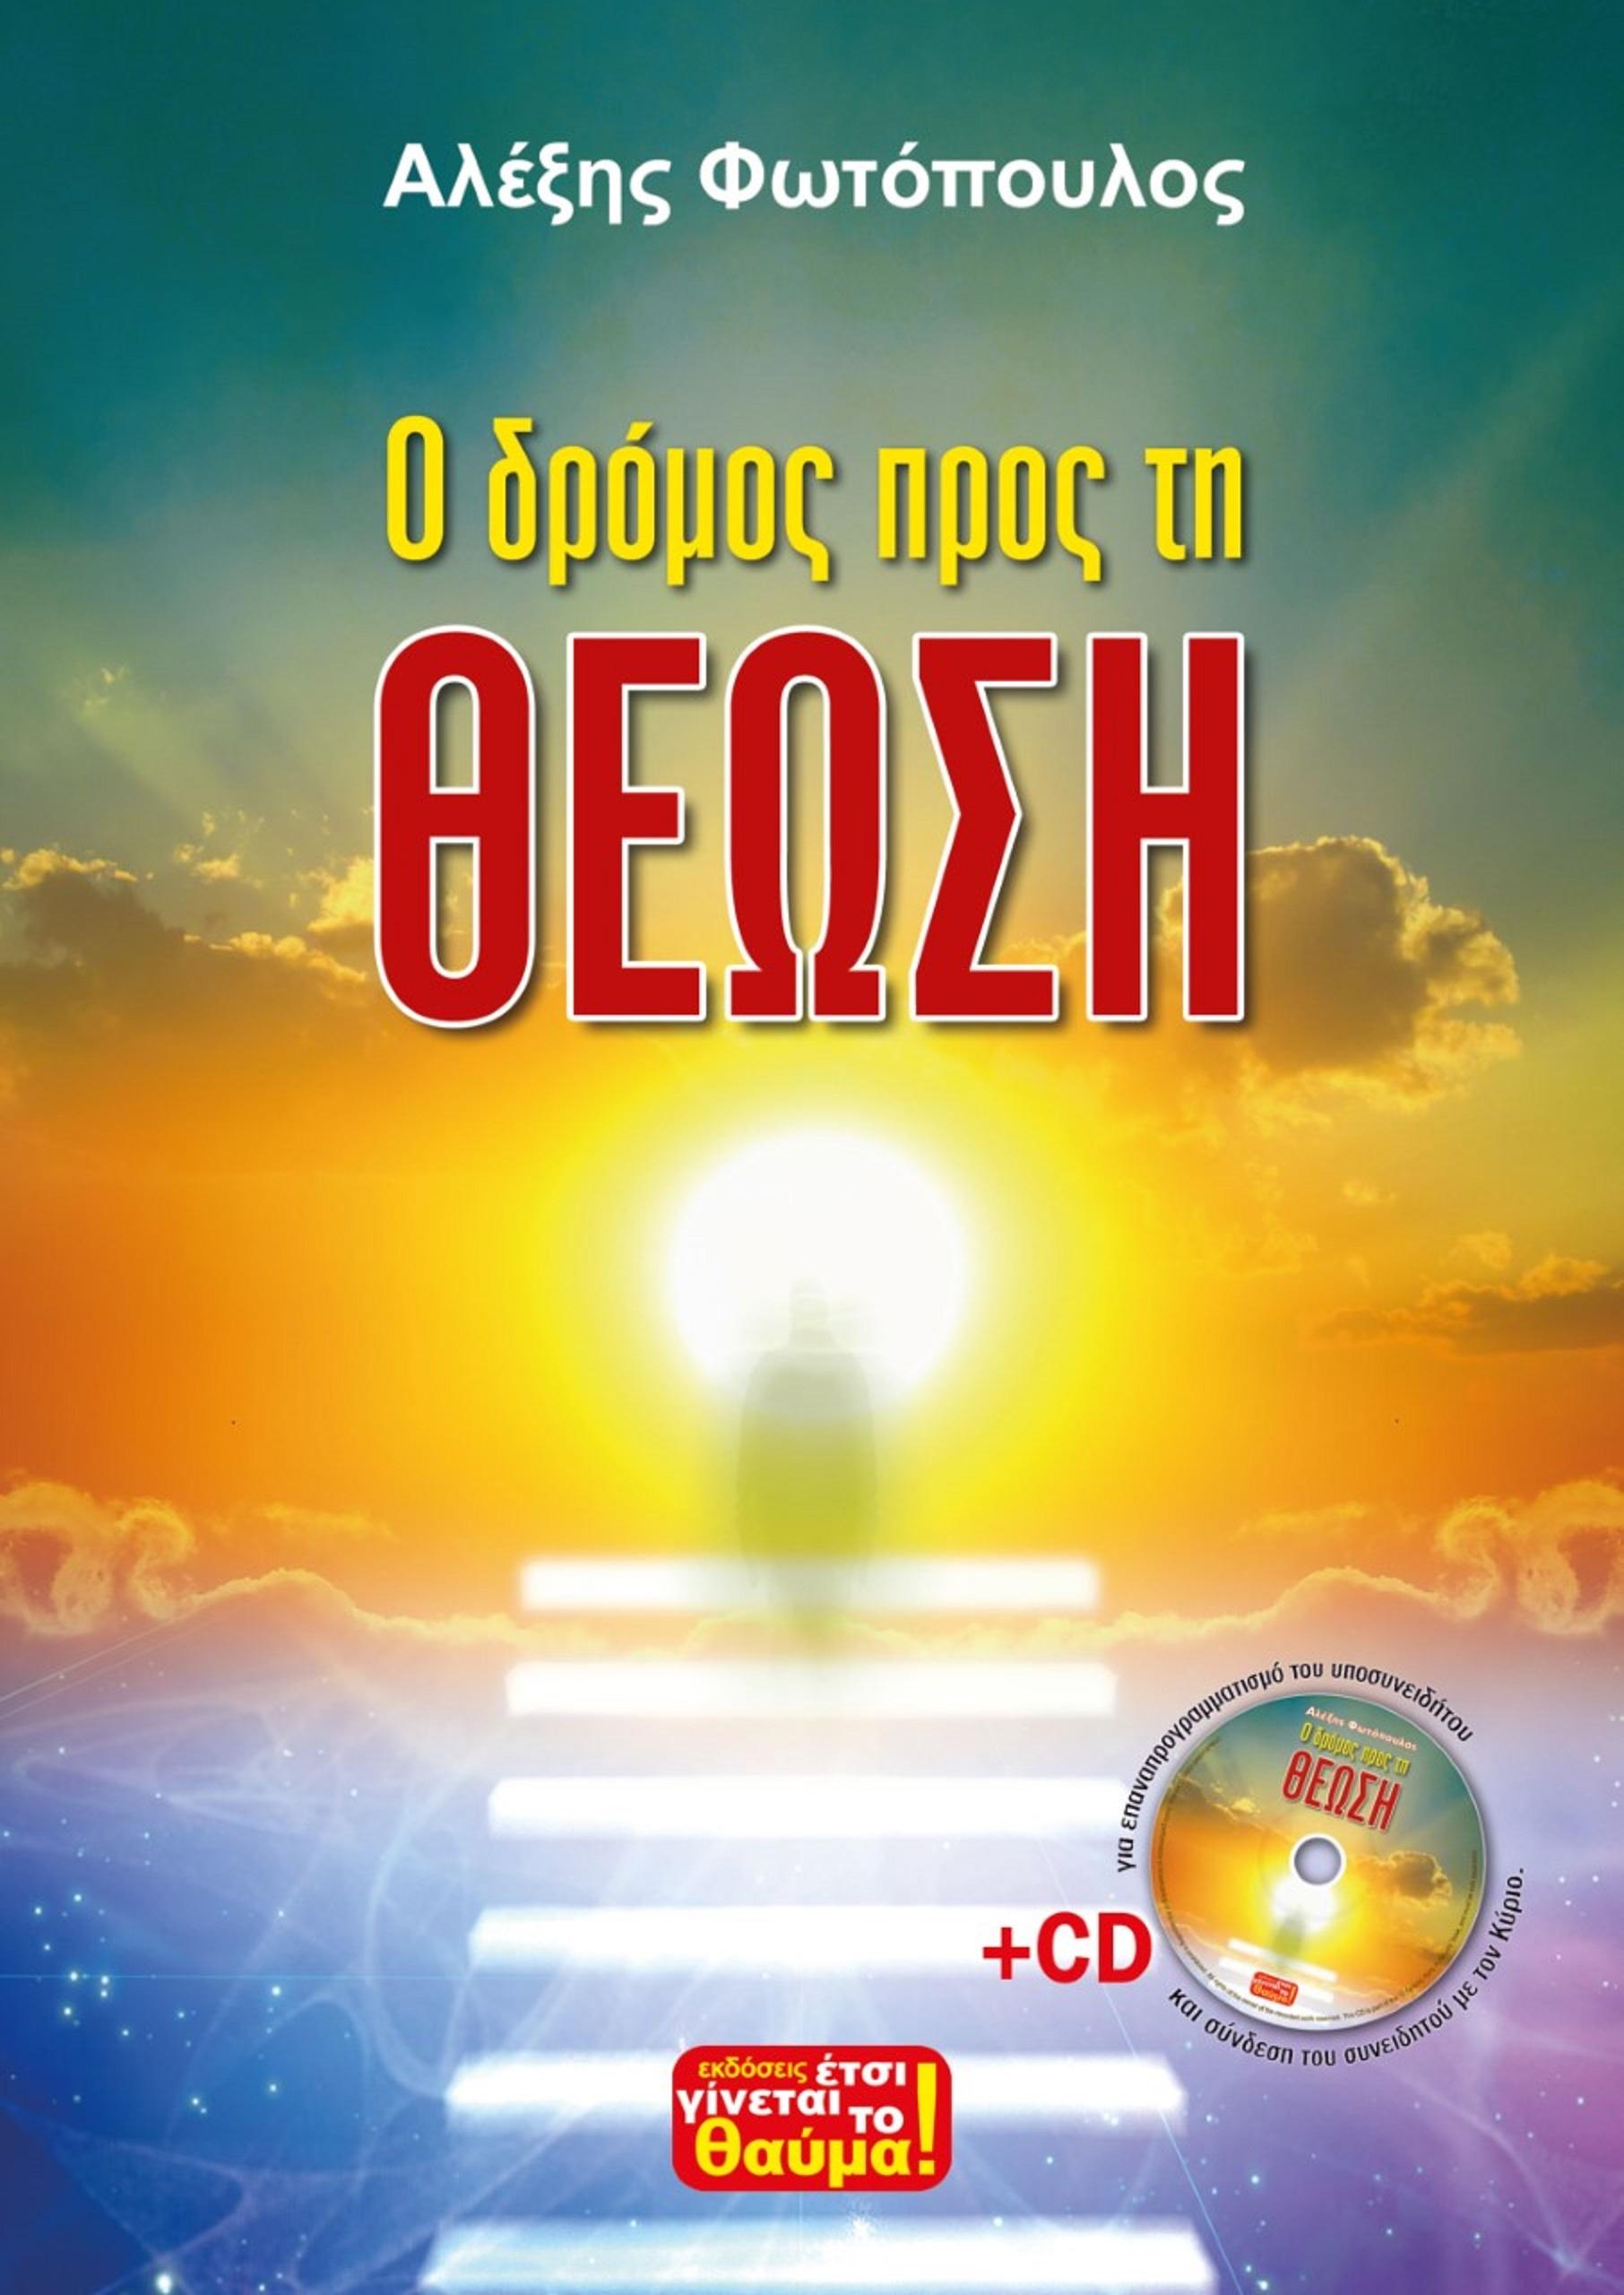 Τα τέσσερα μου βιβλία: «Έτσι Γίνεται το Θαύμα», «Μια Ζωή Γεμάτη Φως», «Η Πηγή των Πάντων» και «Ο Δρόμος προς τη Θέωση» σας δείχνουν το δρόμο  που ακολούθησα κι εγώ, όπου αυτοθεραπεύτηκα από ανίατη ασθένεια, είμαι πάντα γαλήνιος, ευτυχισμένος και πετώ από υγεία και χαρά. 9